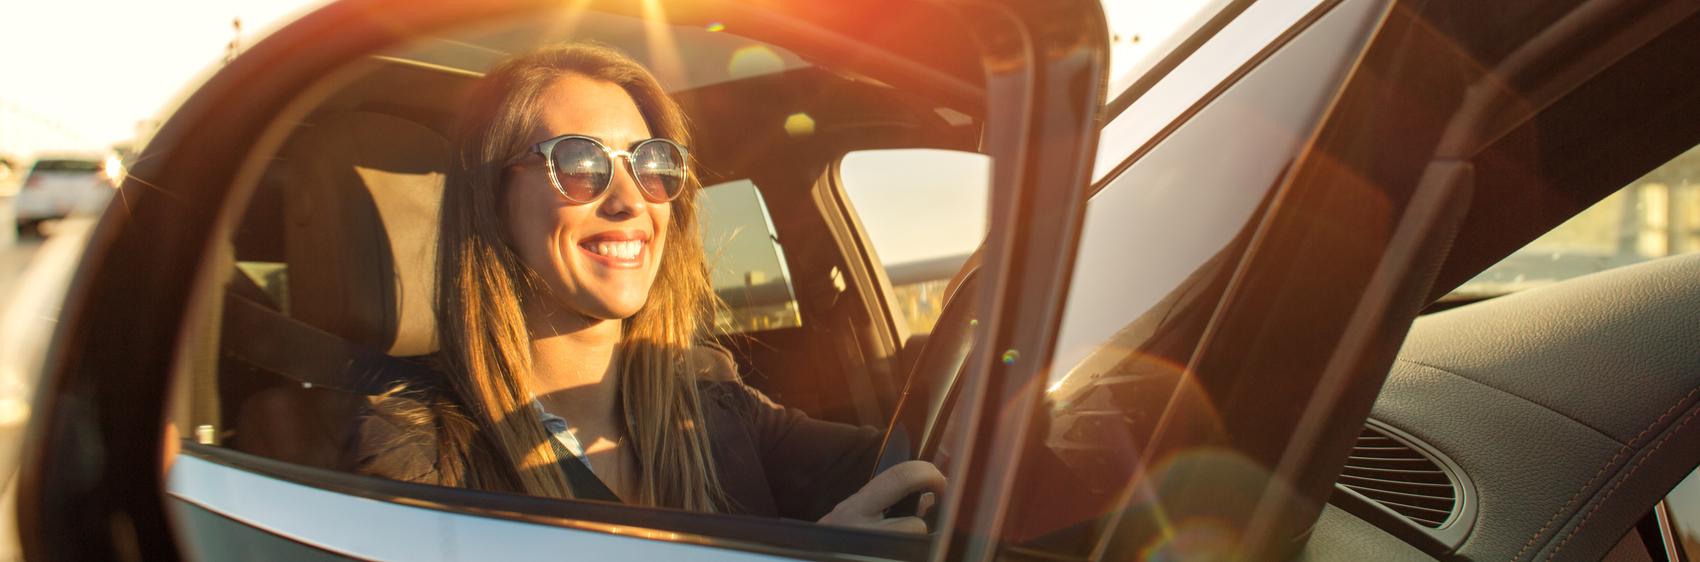 femme au volant lunettes de soleil